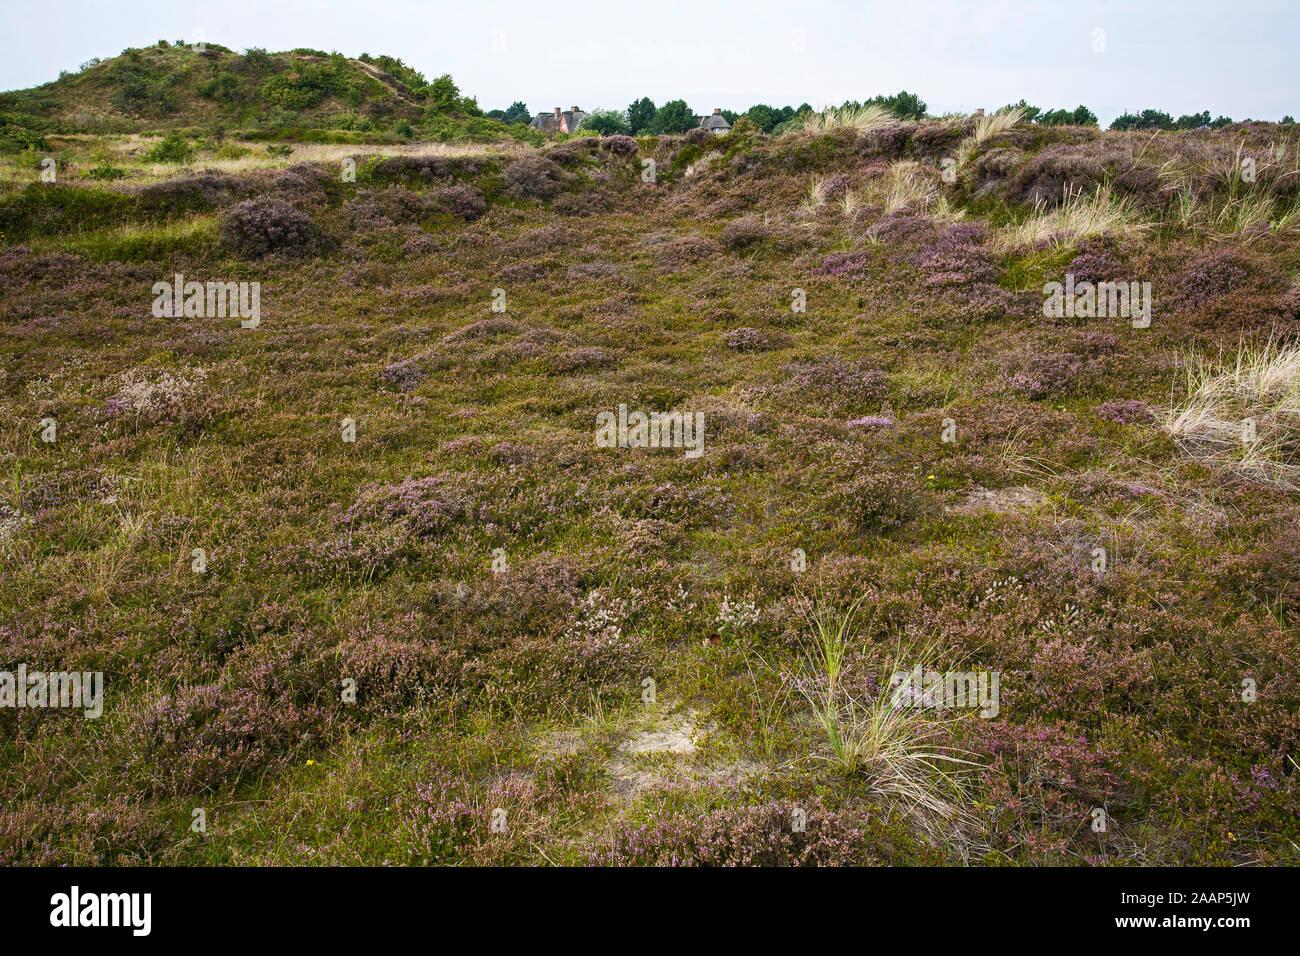 Heidelandschaft und Reetdachhäuser im Naturschutzgebiet Braderuper Heide auf Sylt Stock Photo